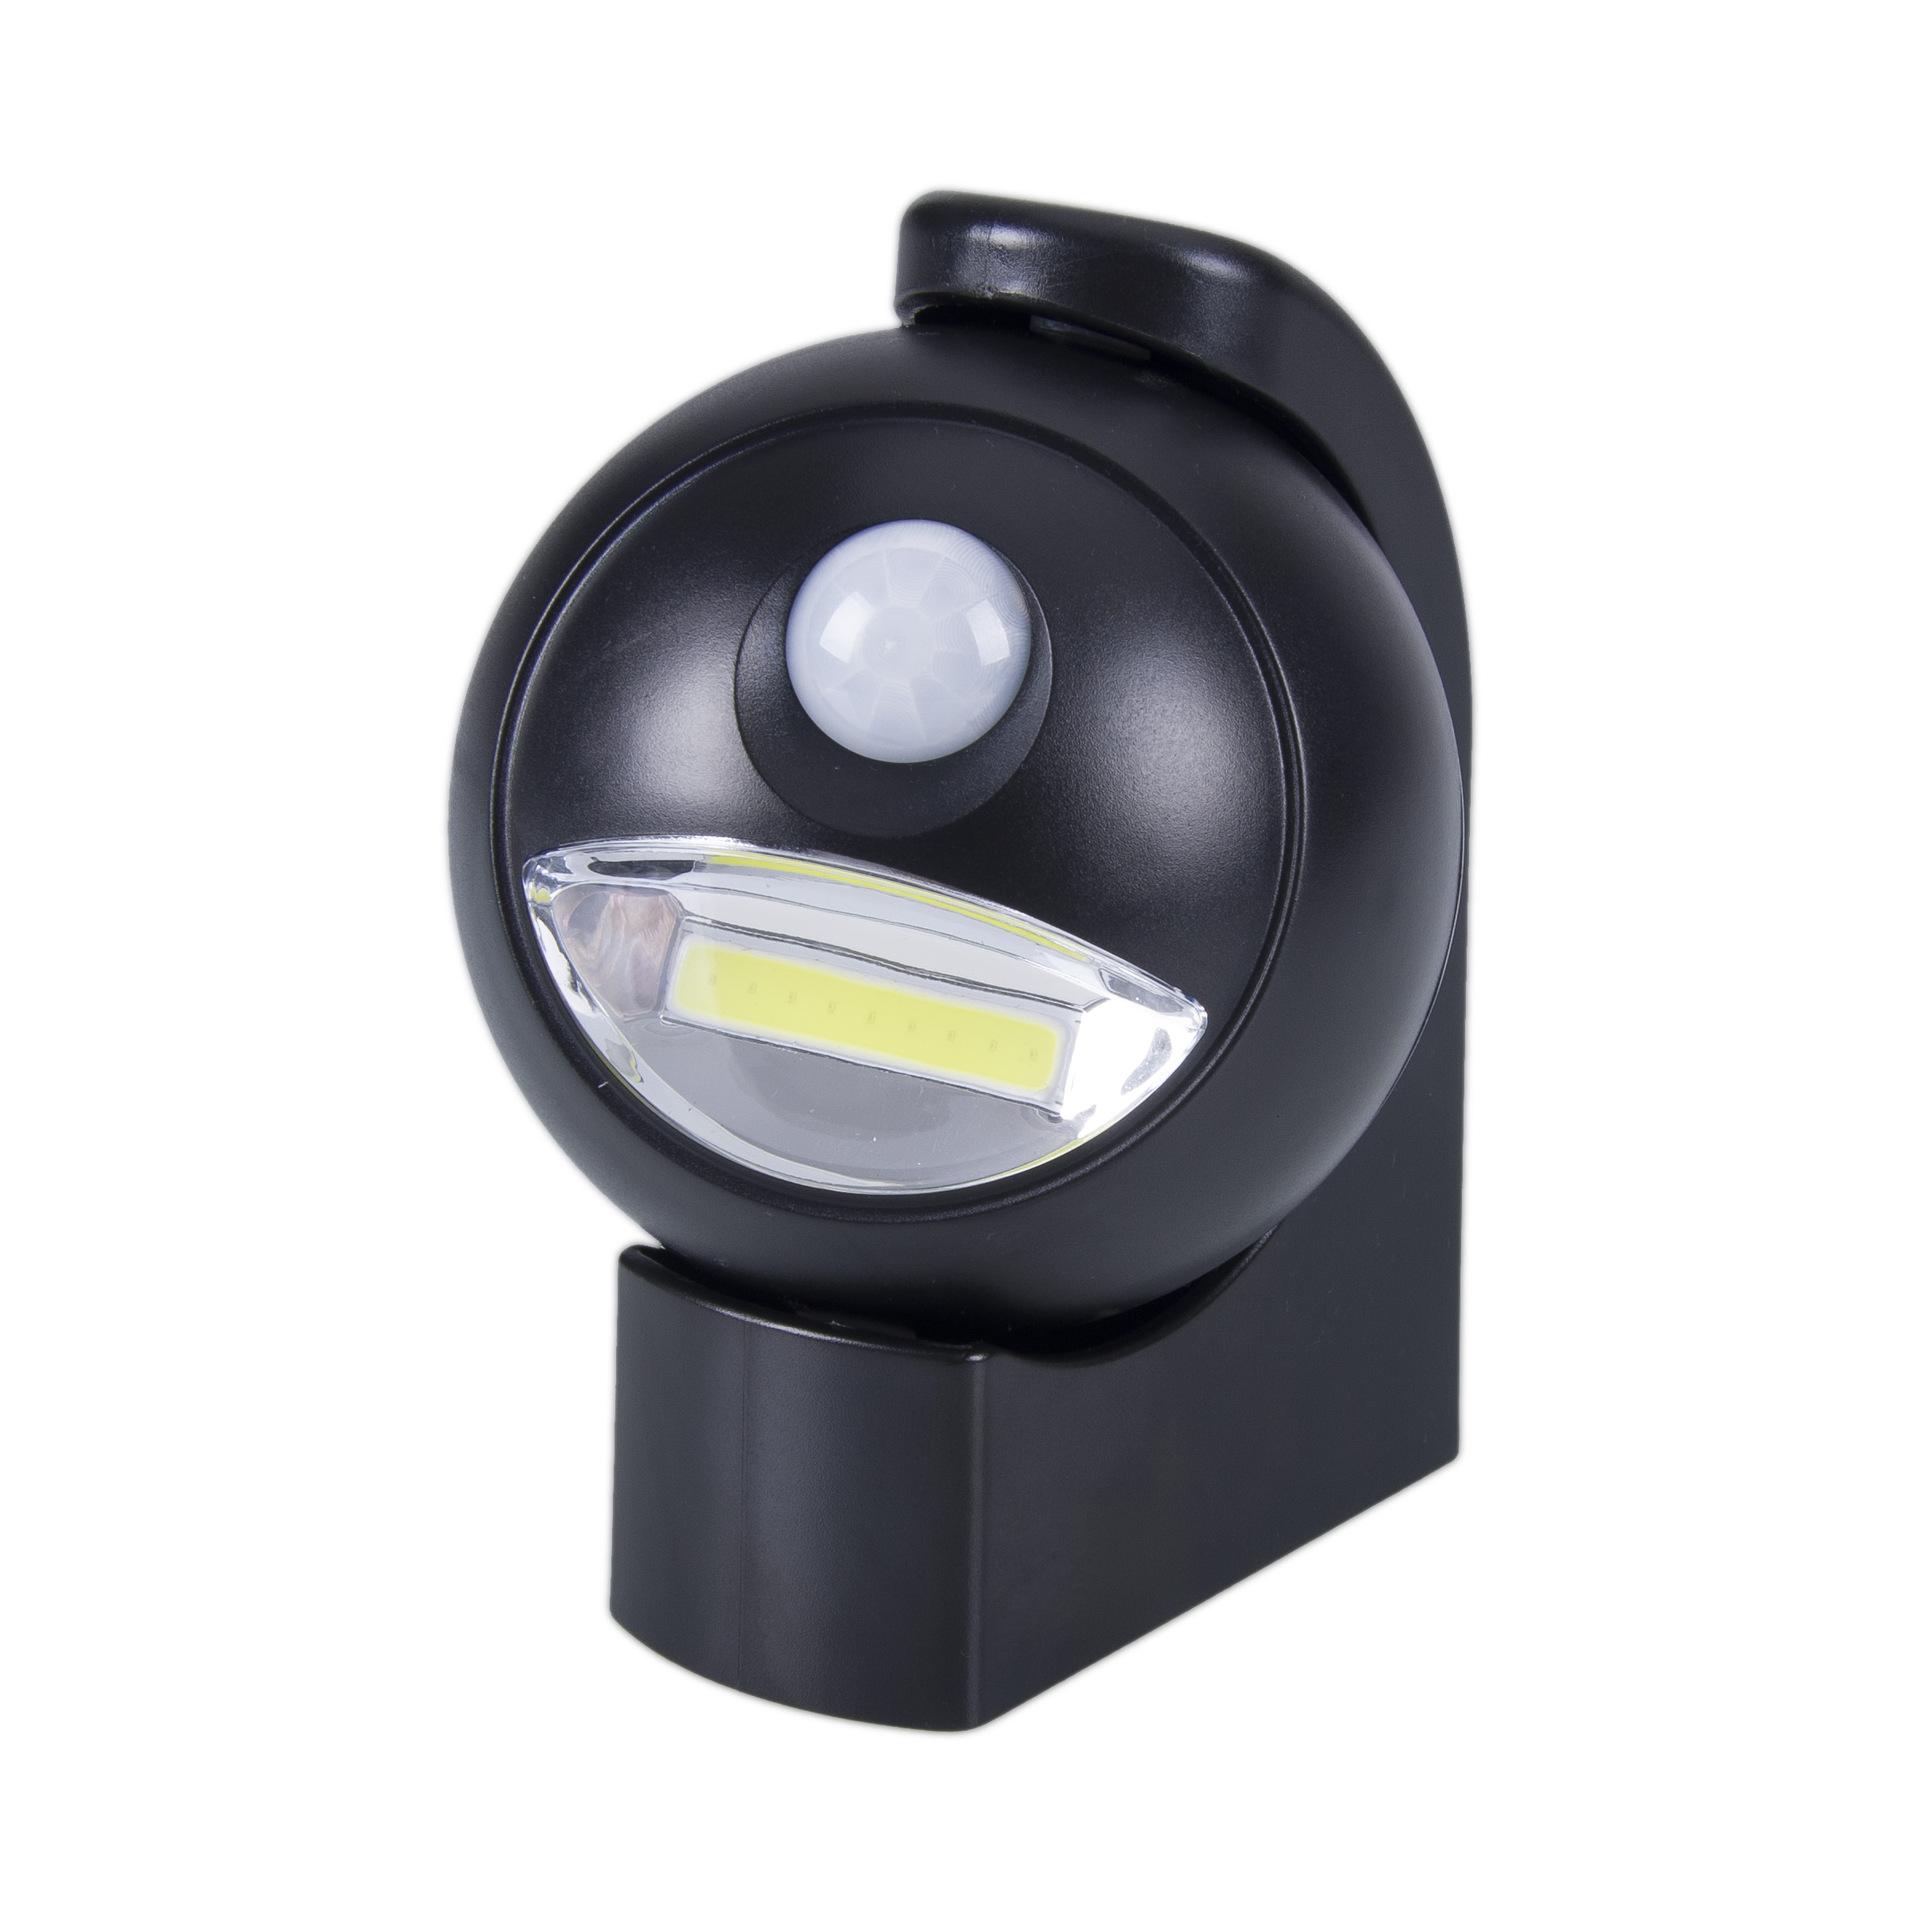 360度旋转COB人体红外线感应灯 壁挂式LED智能光控小夜灯厂家直销